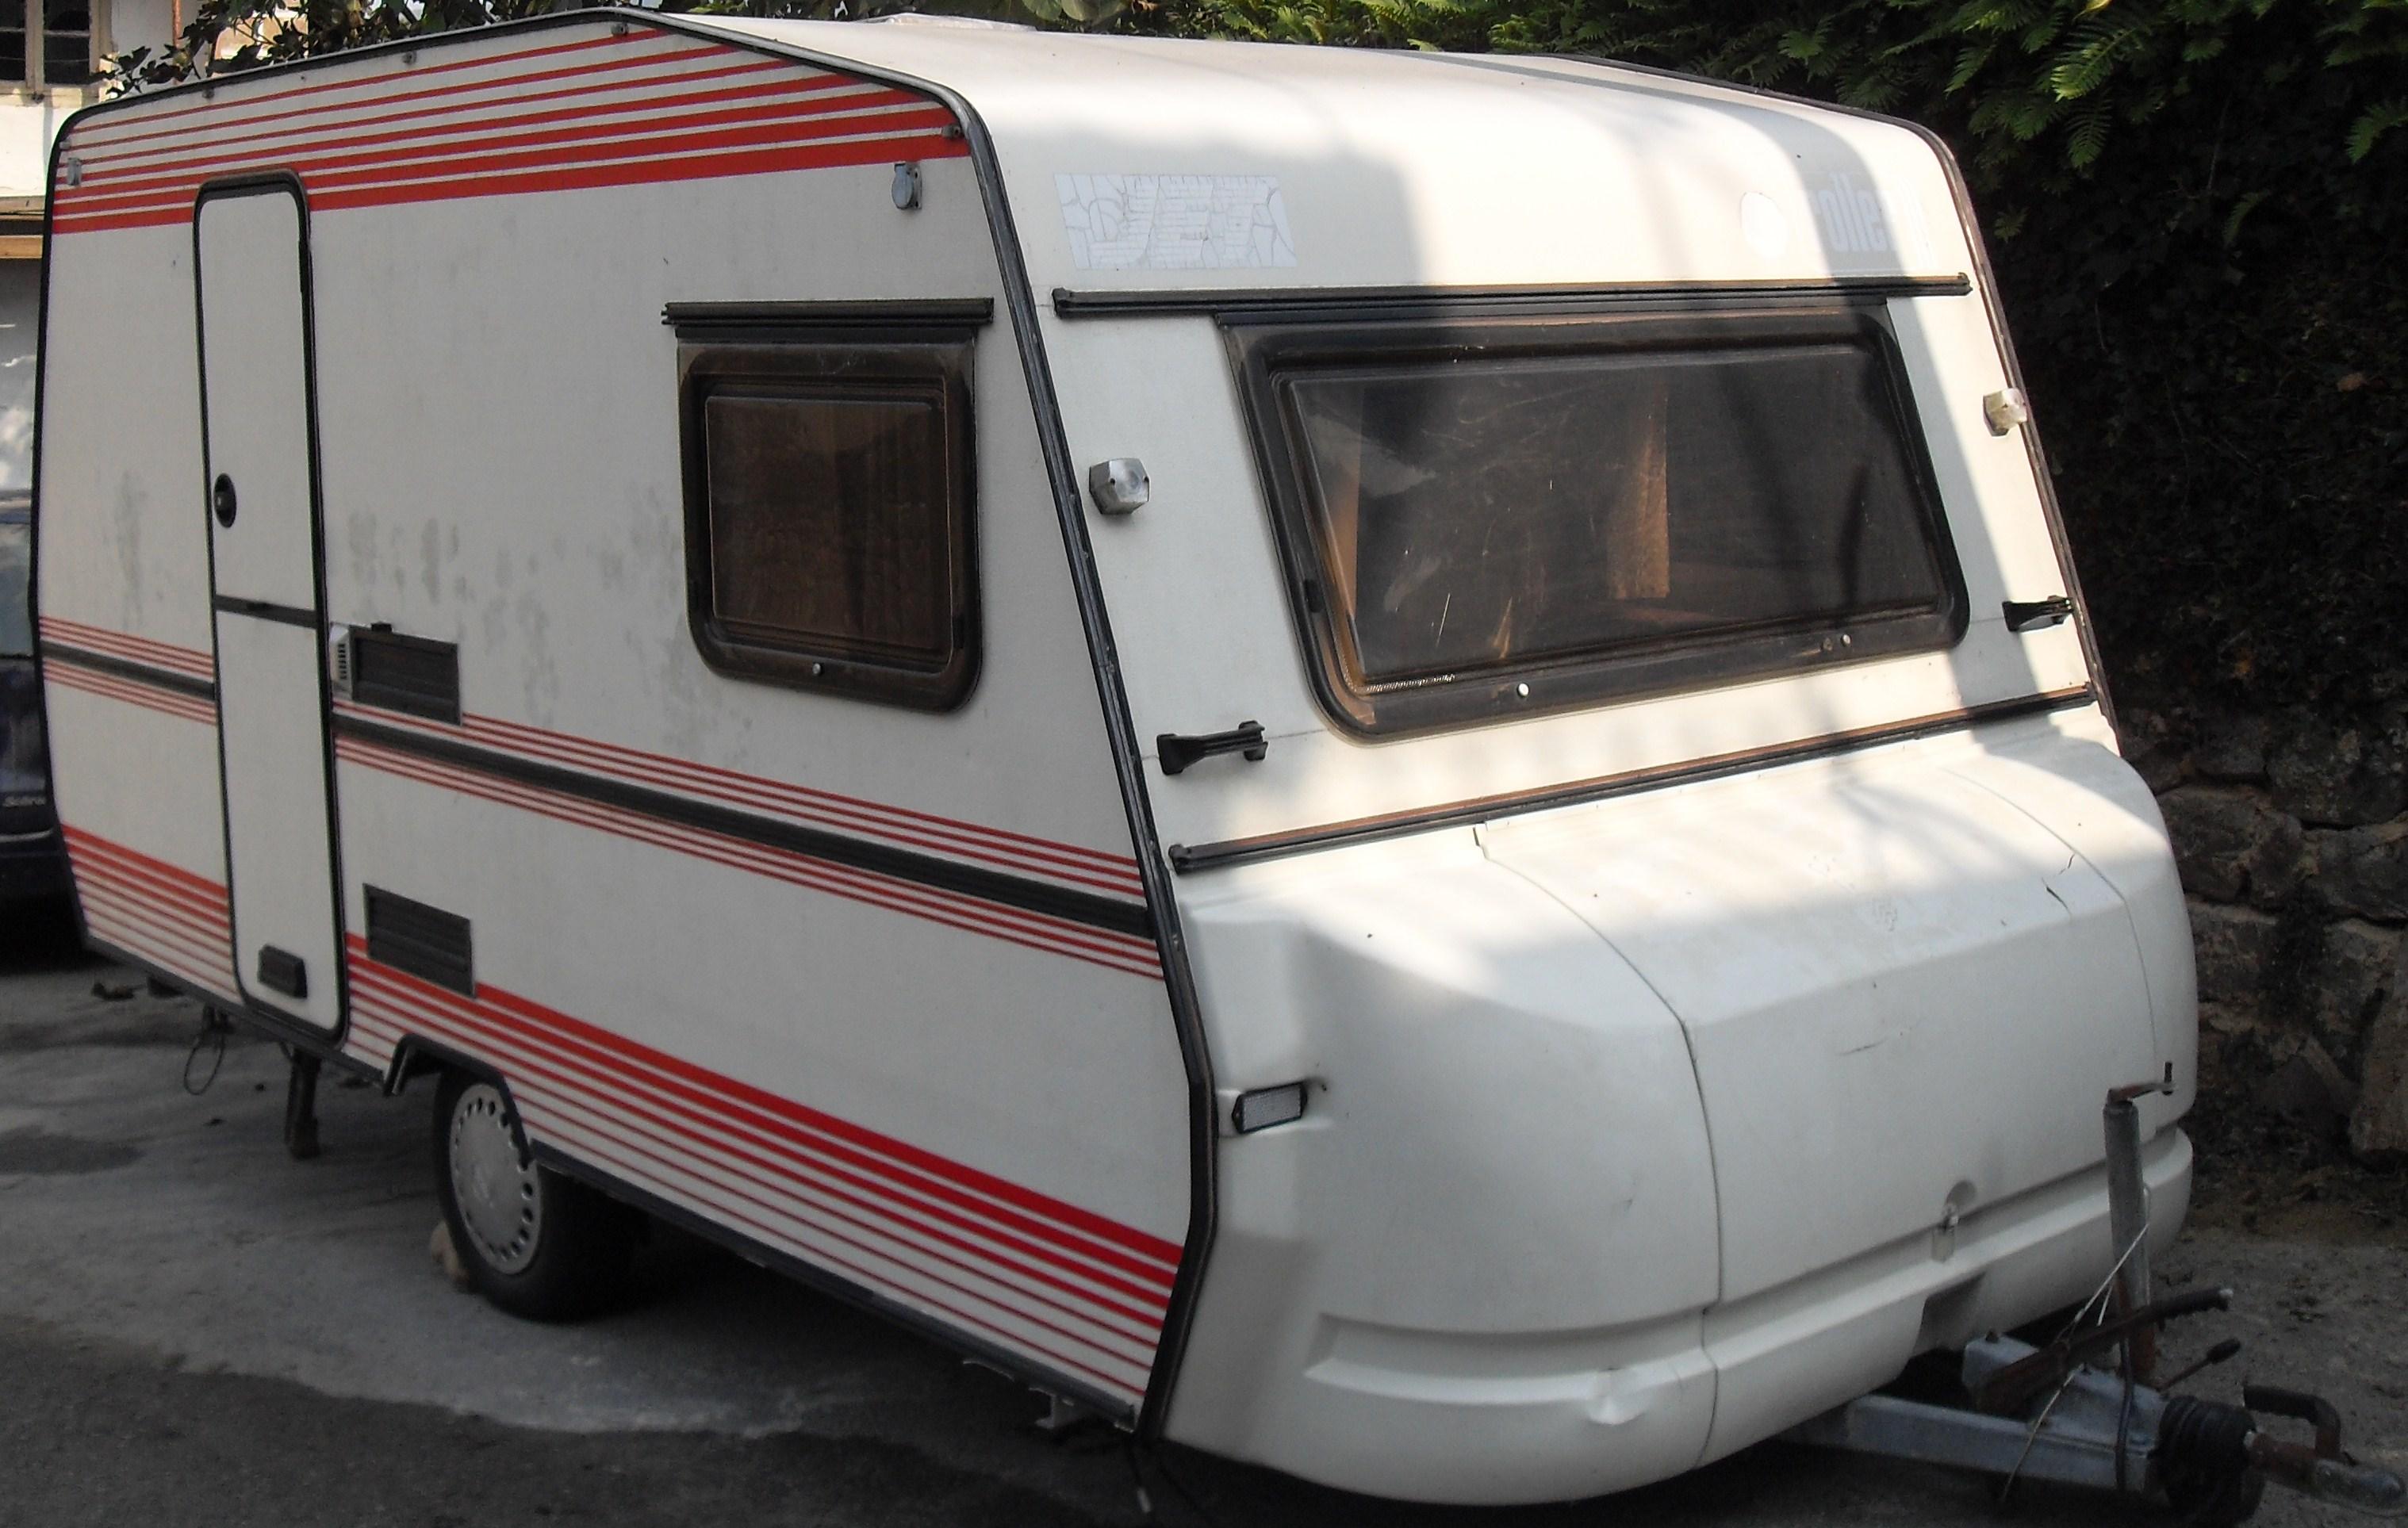 Reforma Baño Caravana:Os dejo unas fotos de la caravana que nos hemos comprado este invierno